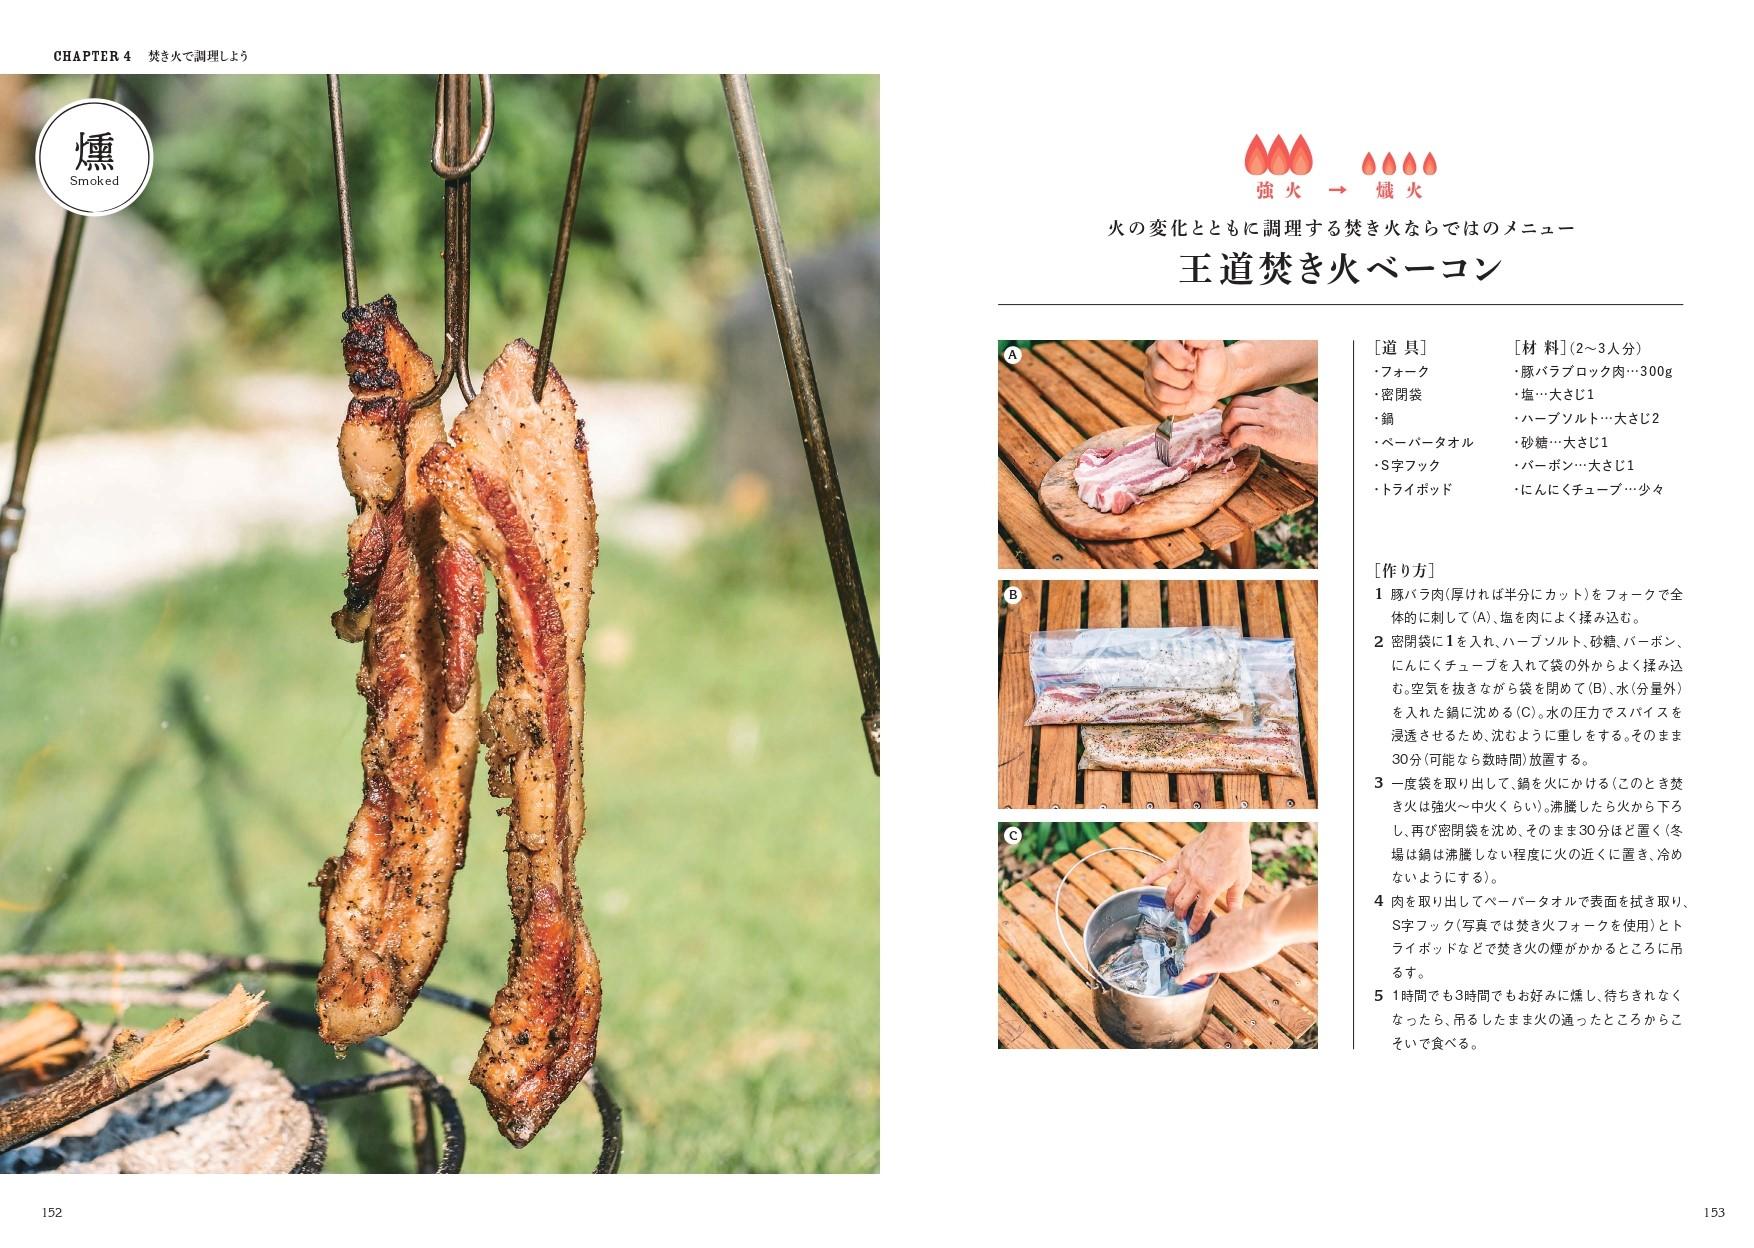 「王道焚火ベーコン」紙面